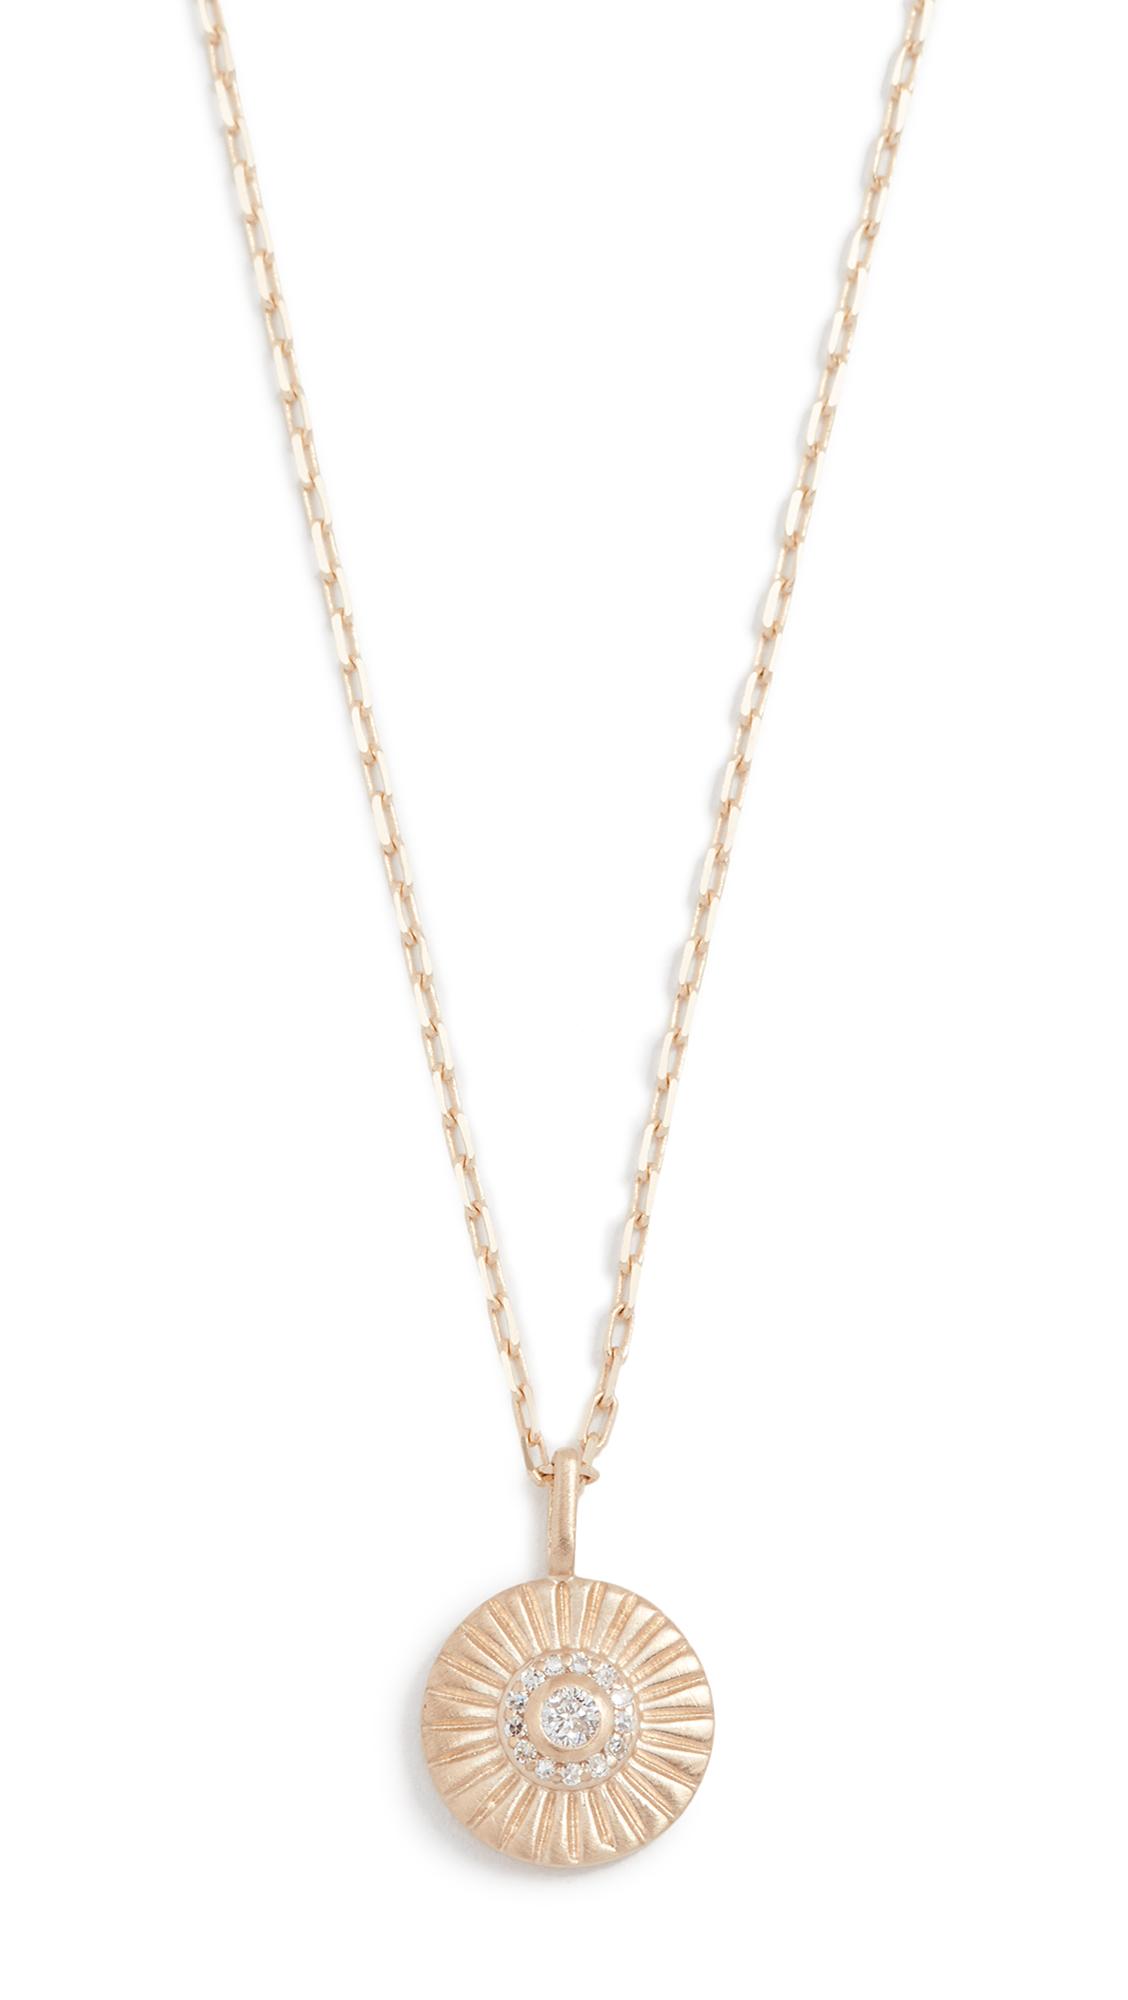 Adina Reyter 14k Gold Diamond Small Rays Pendant Necklace TL1ZL